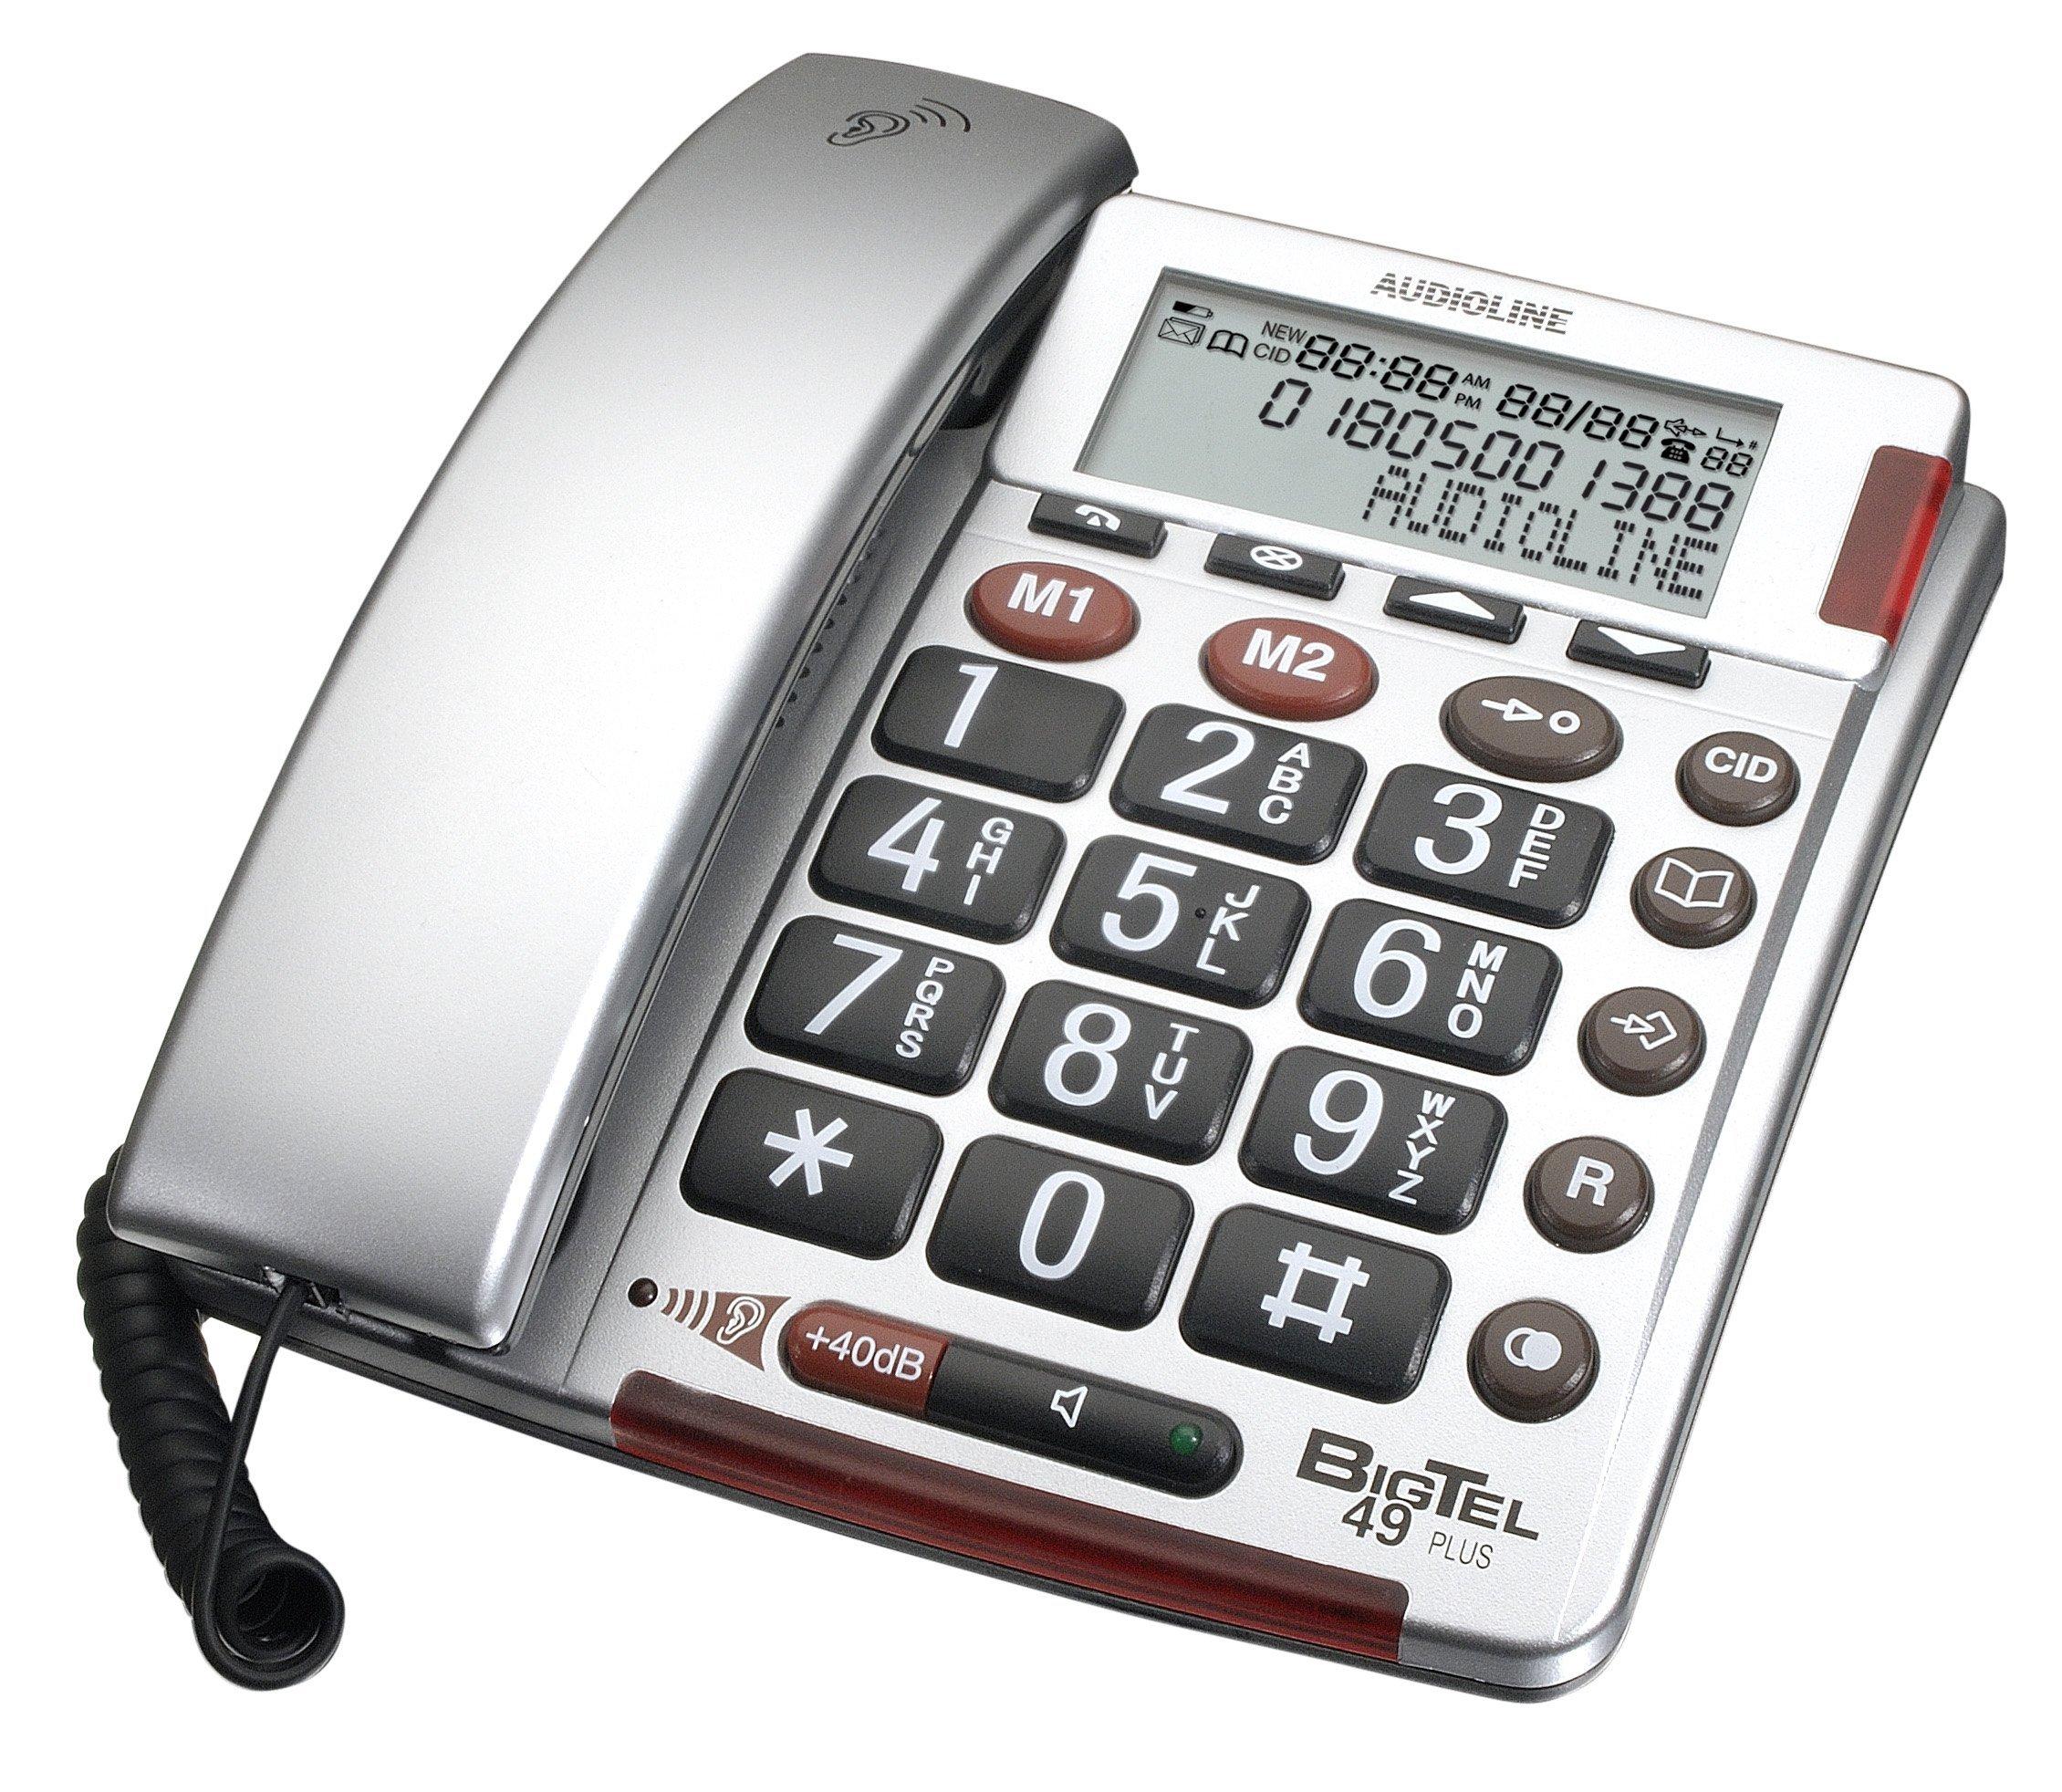 Audioline BigTel 49 Plus telefono con ID chiamante, colore: Argento [Importato dalla Germania]